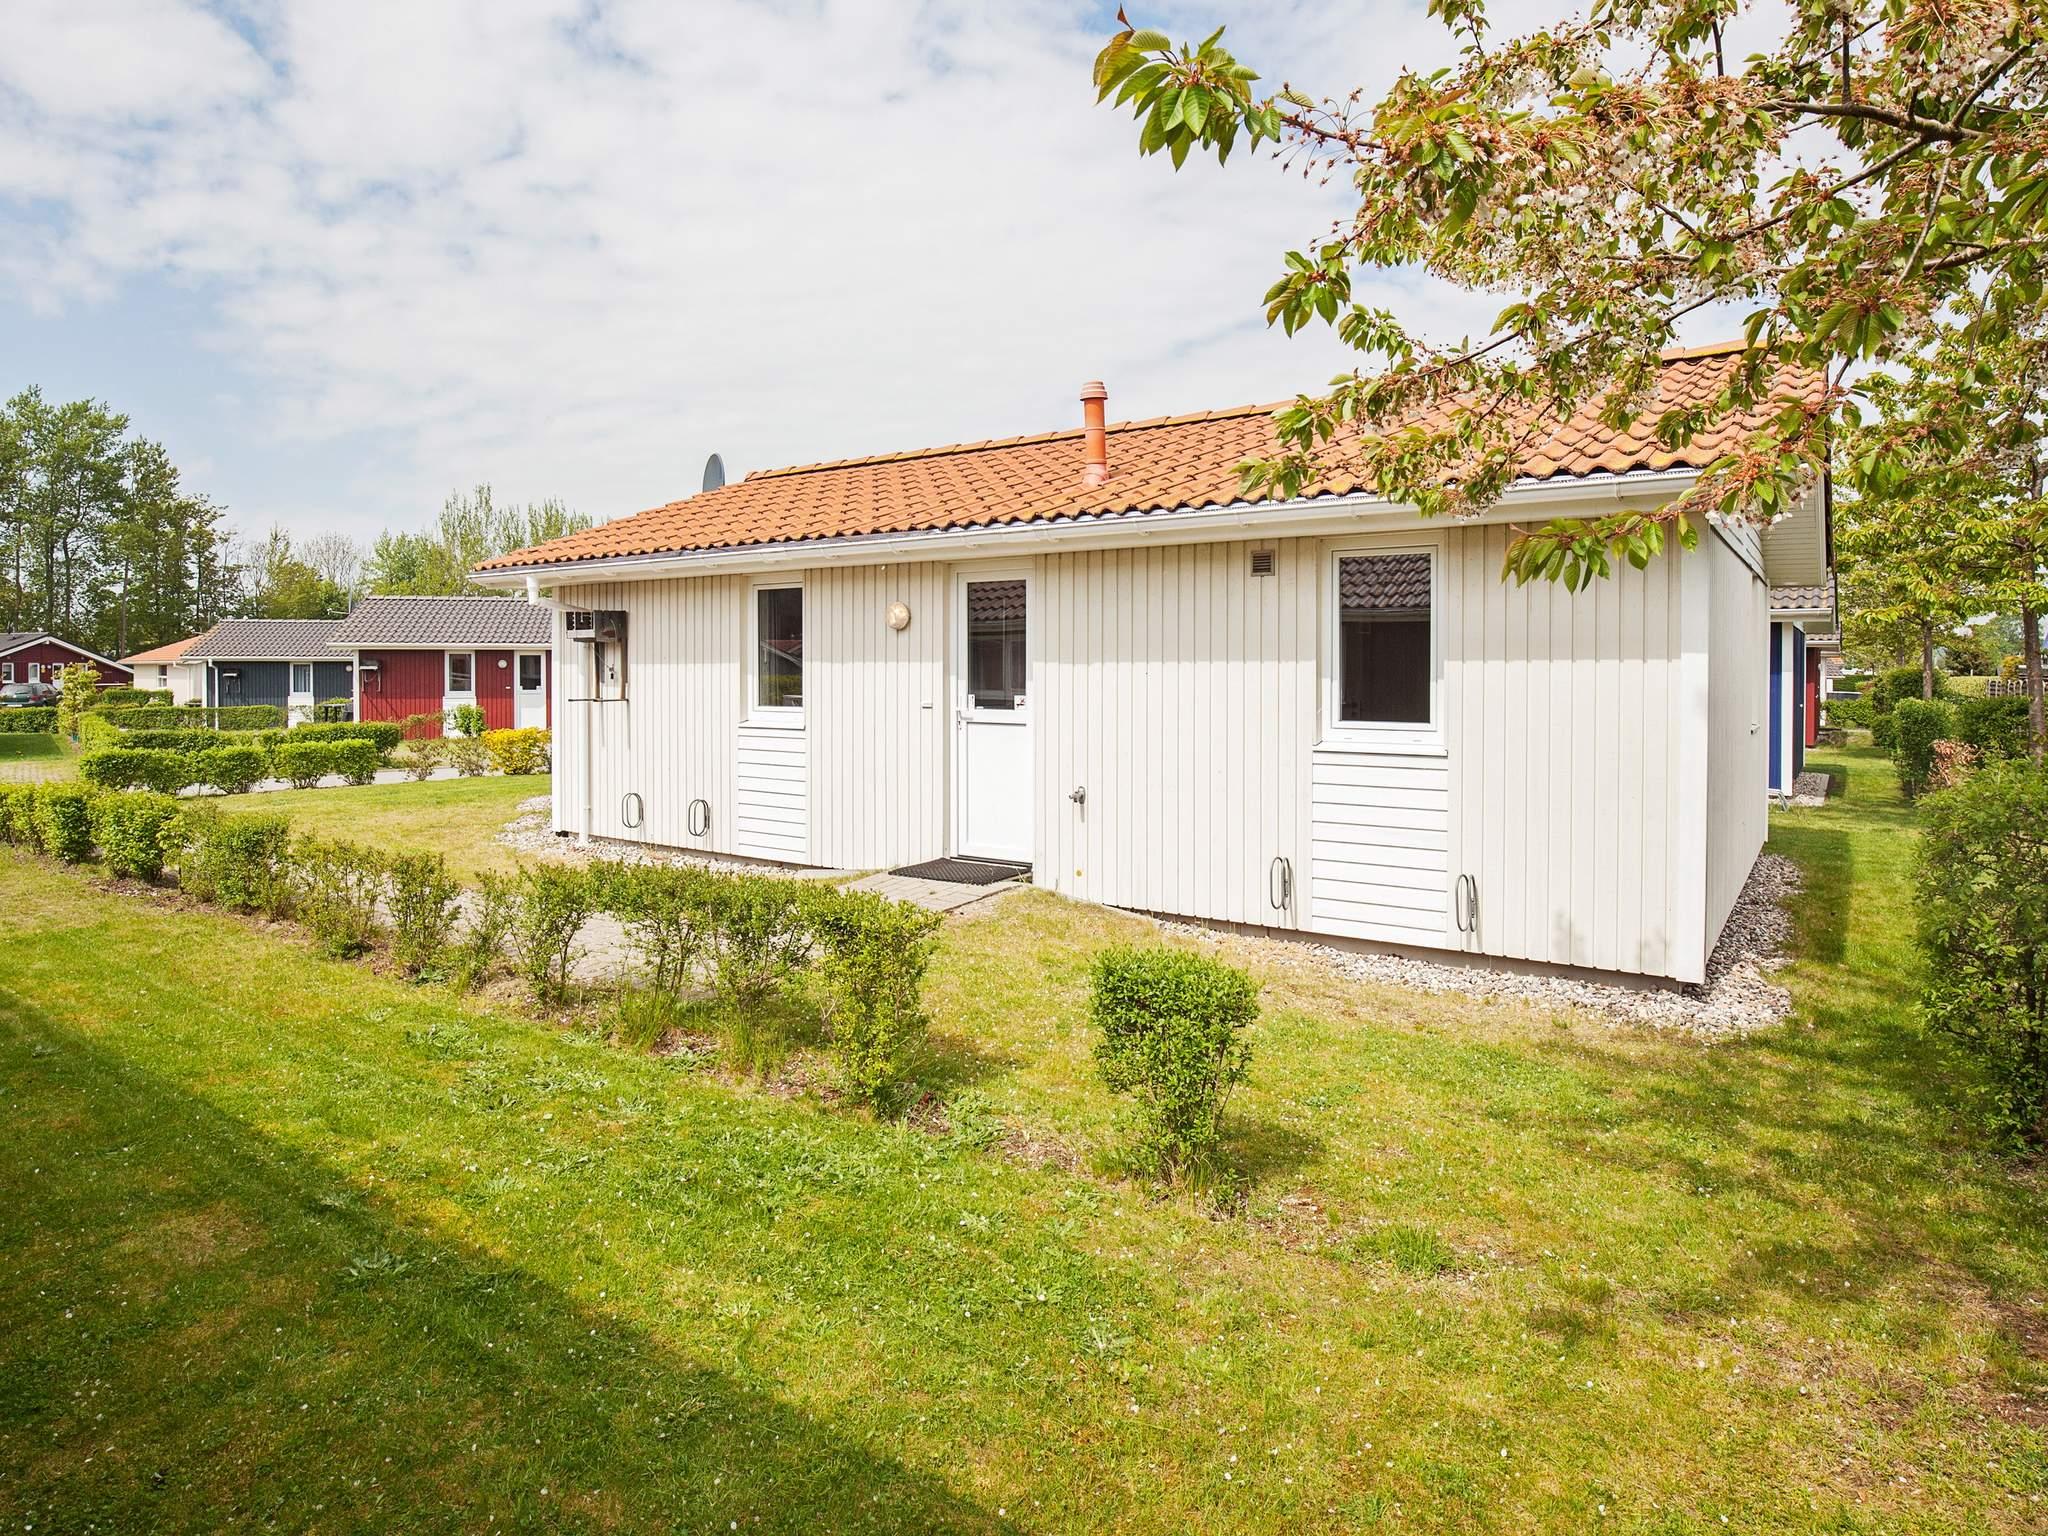 Maison de vacances Grömitz (436444), Grömitz, Baie de Lübeck, Schleswig-Holstein, Allemagne, image 10